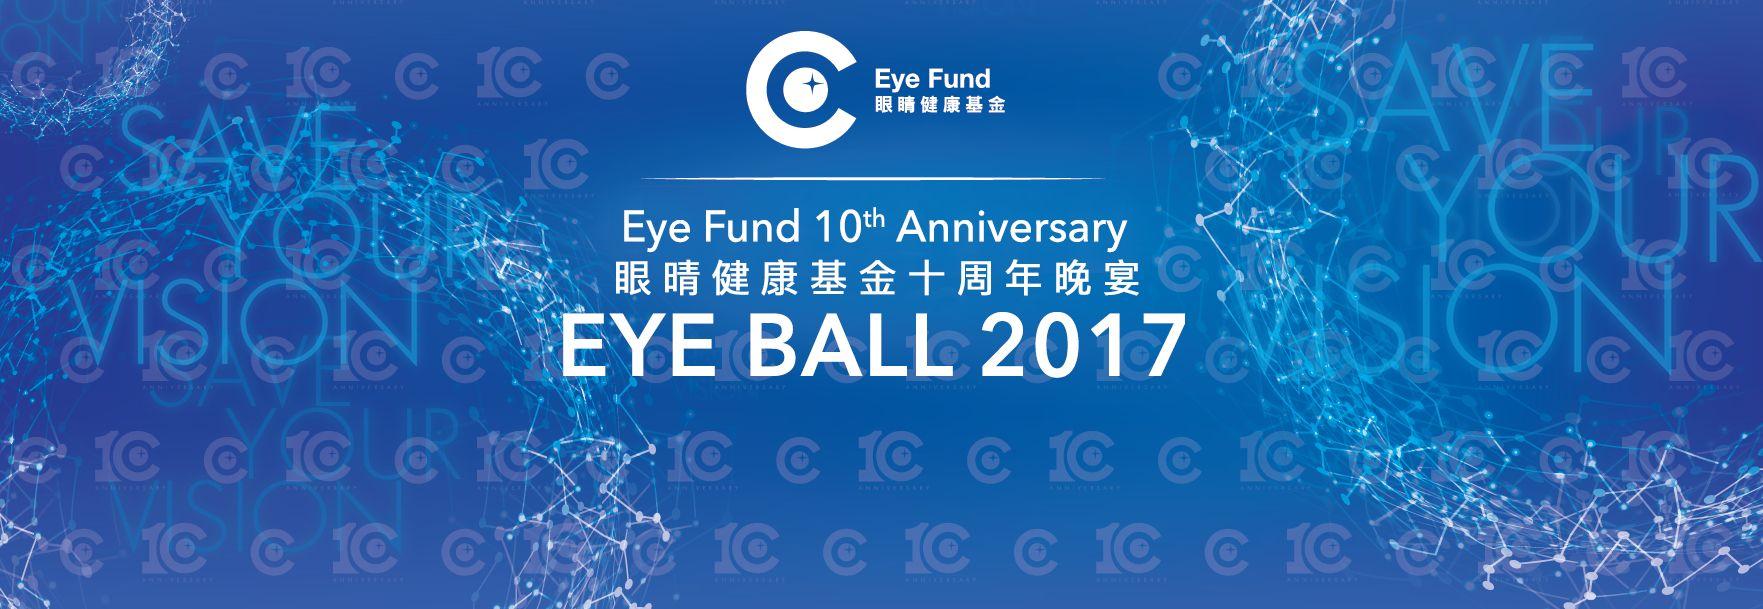 Eye Ball 2017